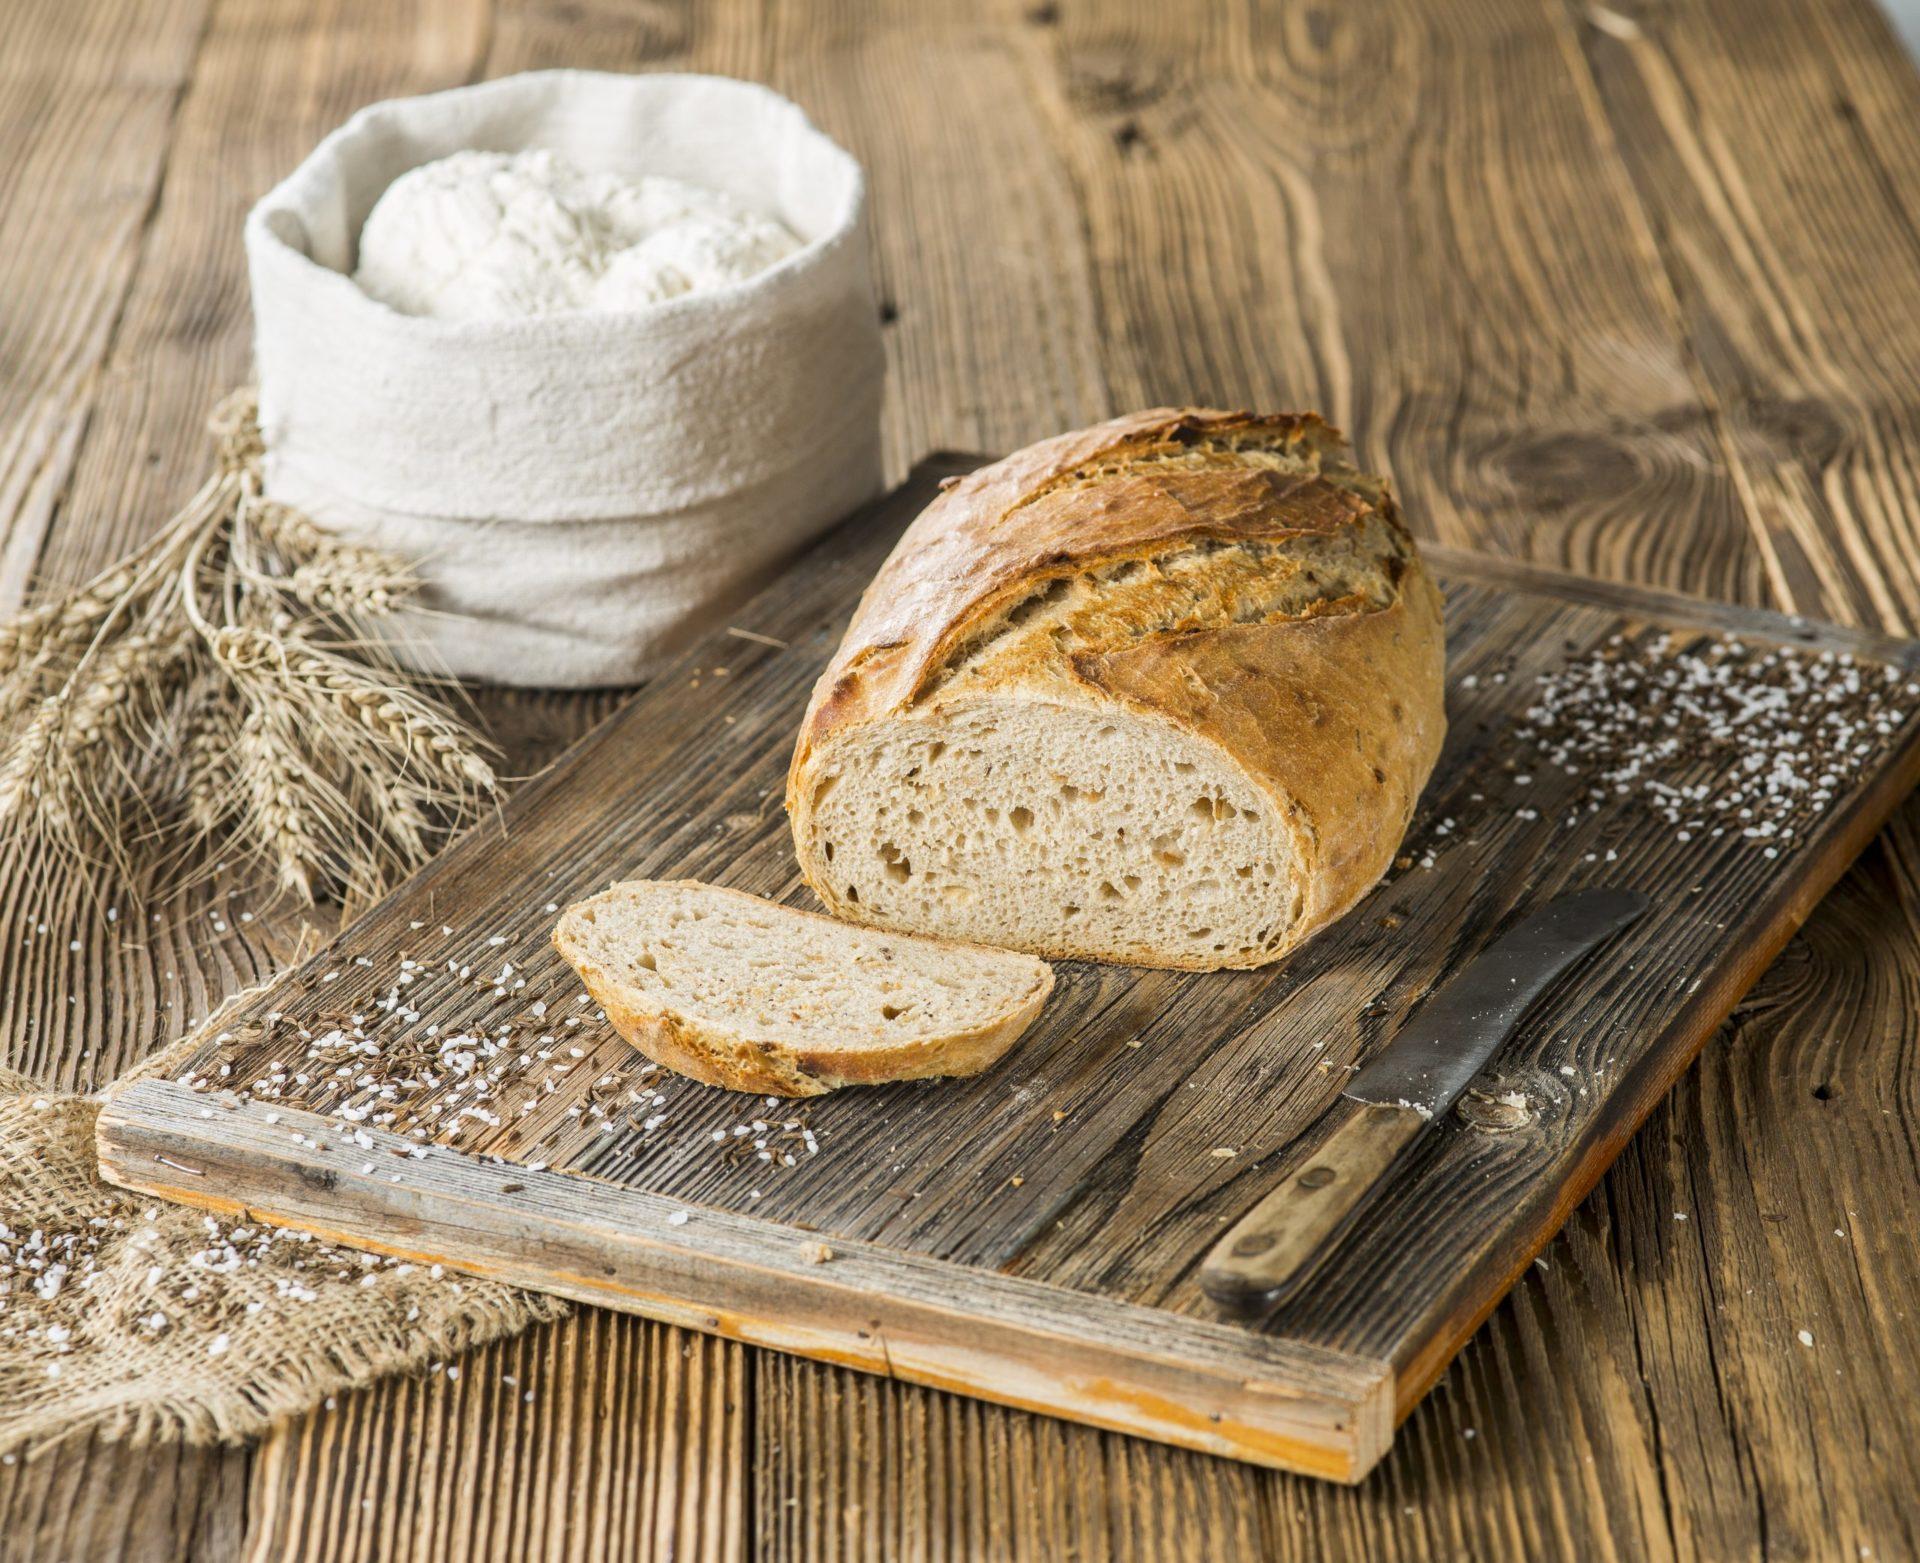 cibulovy chlieb